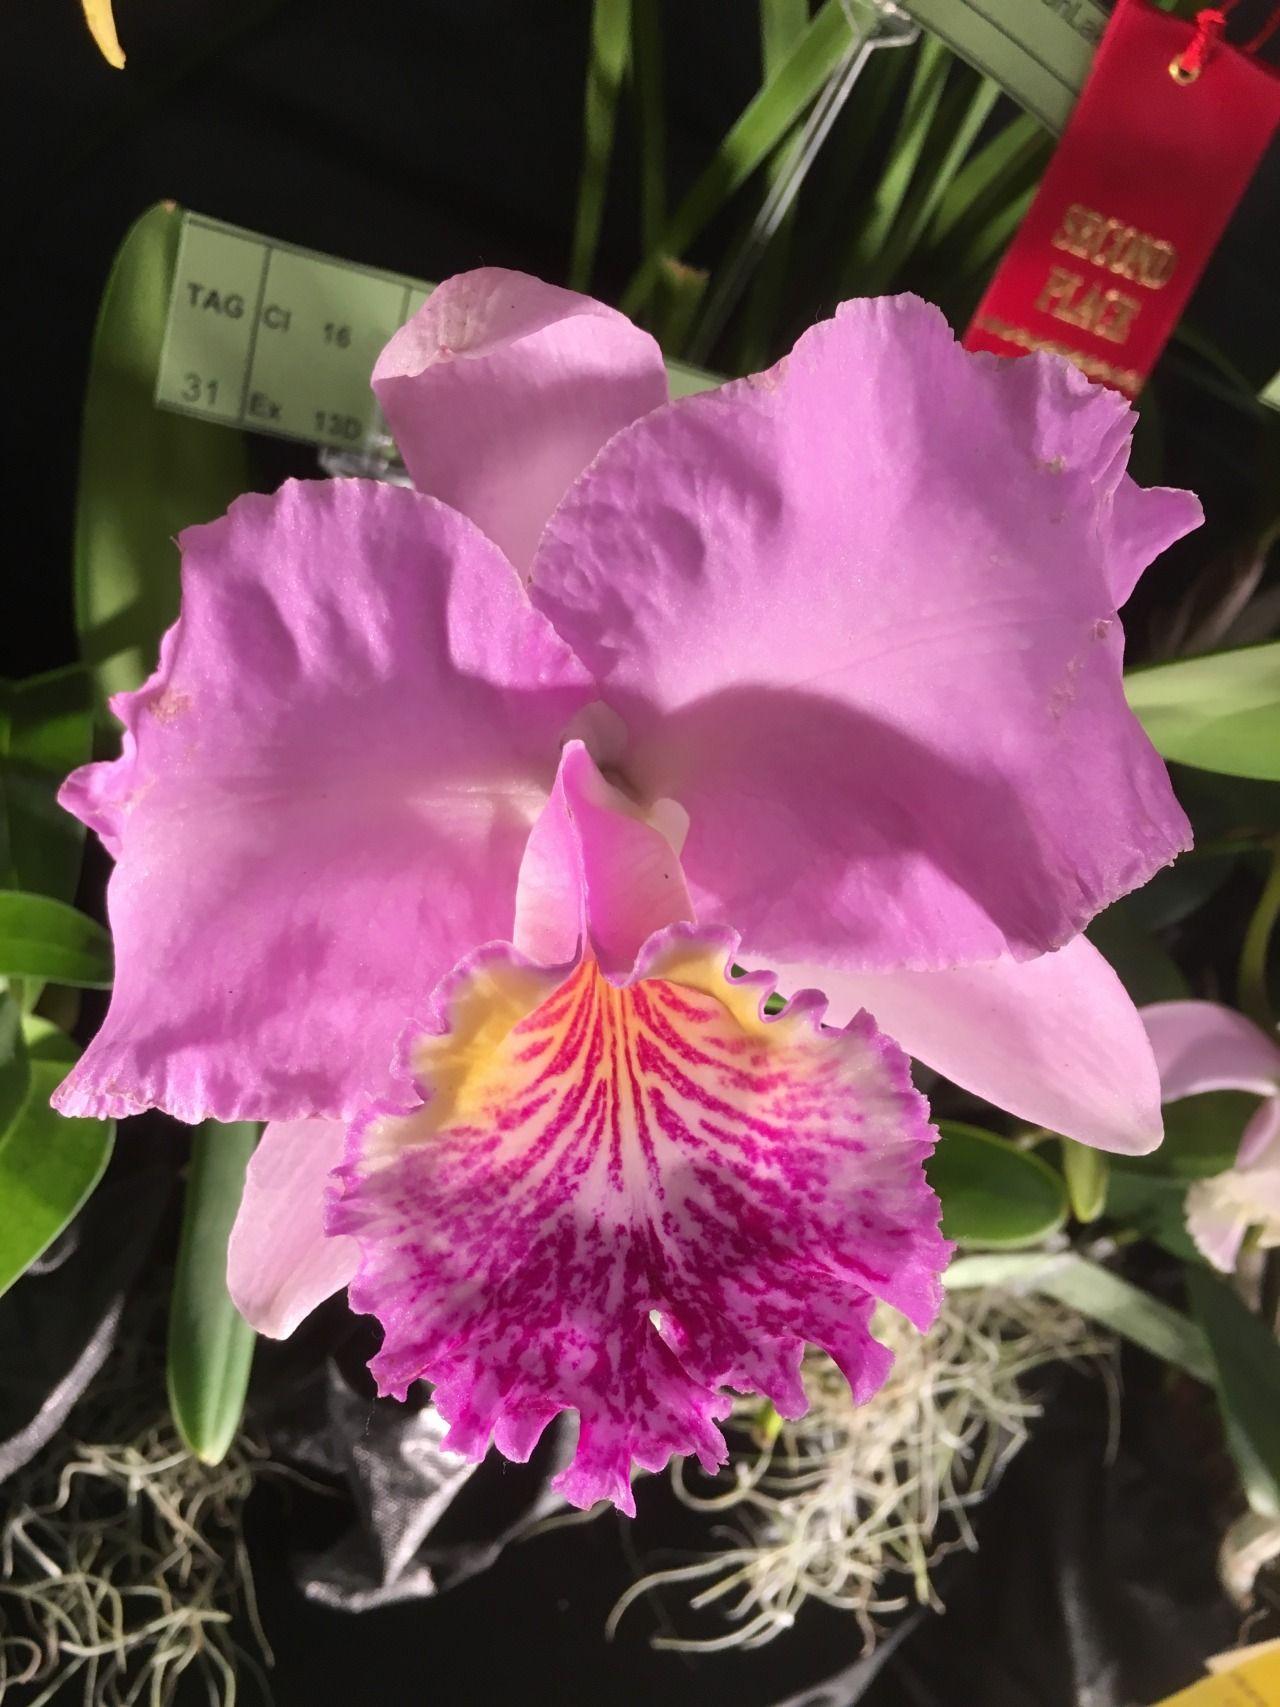 Cattleya Lueddemanniana Cattleya Orchid Photo Orchids